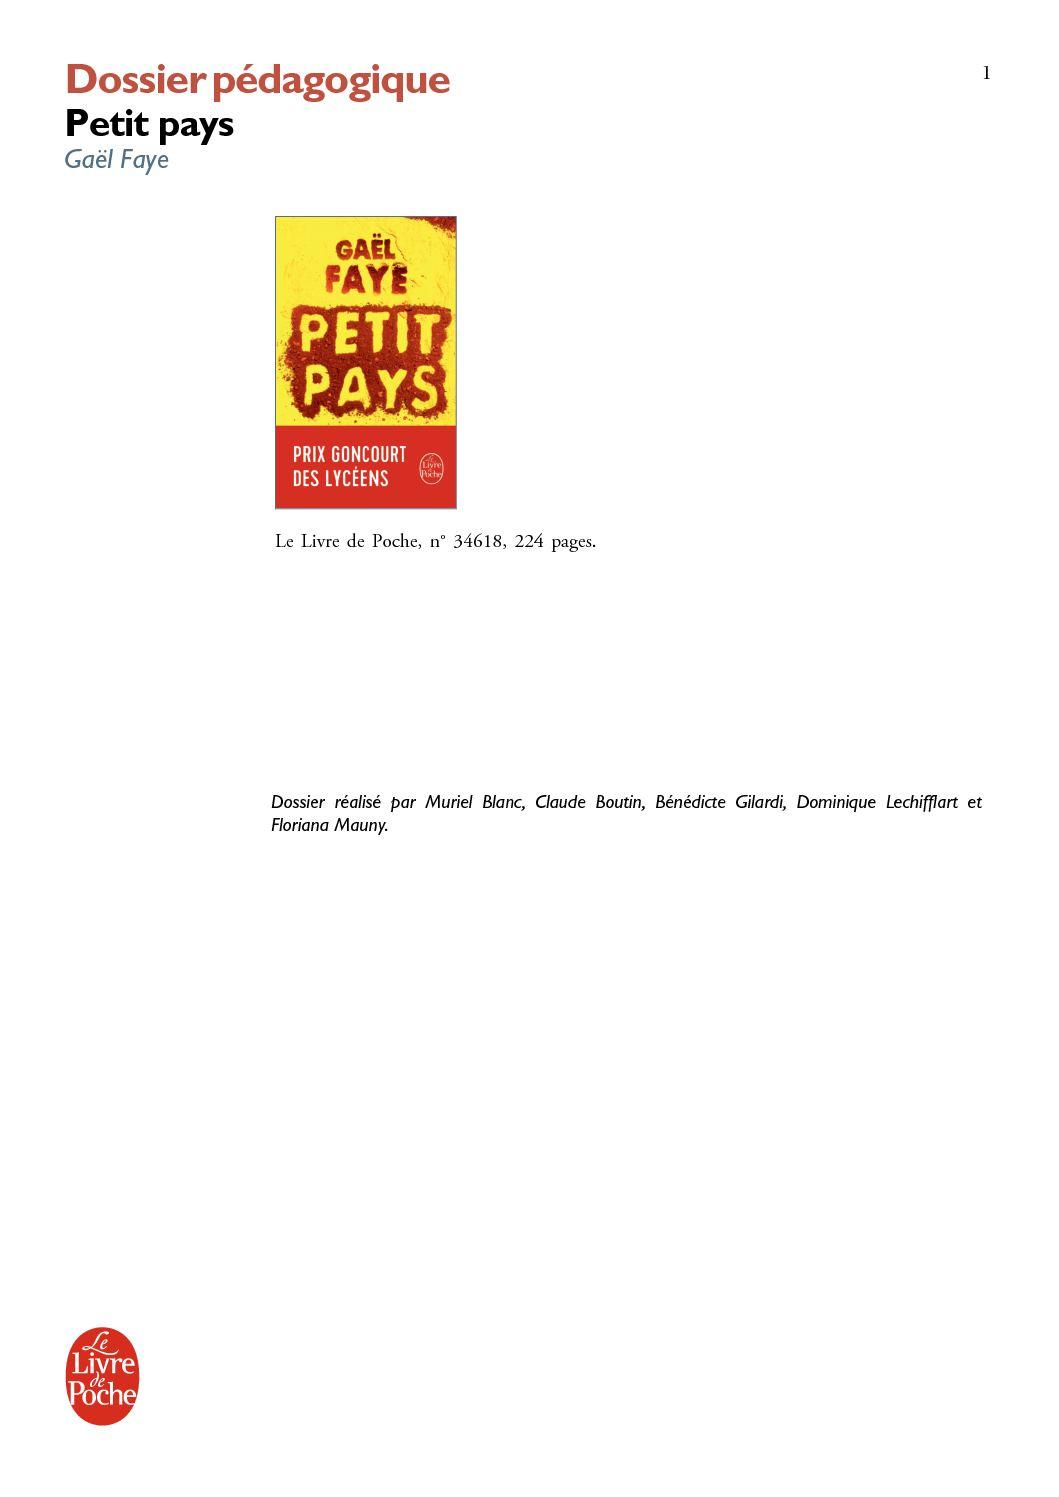 Calaméo - Dossier Pédagogique - Petit Pays De Gaël Faye